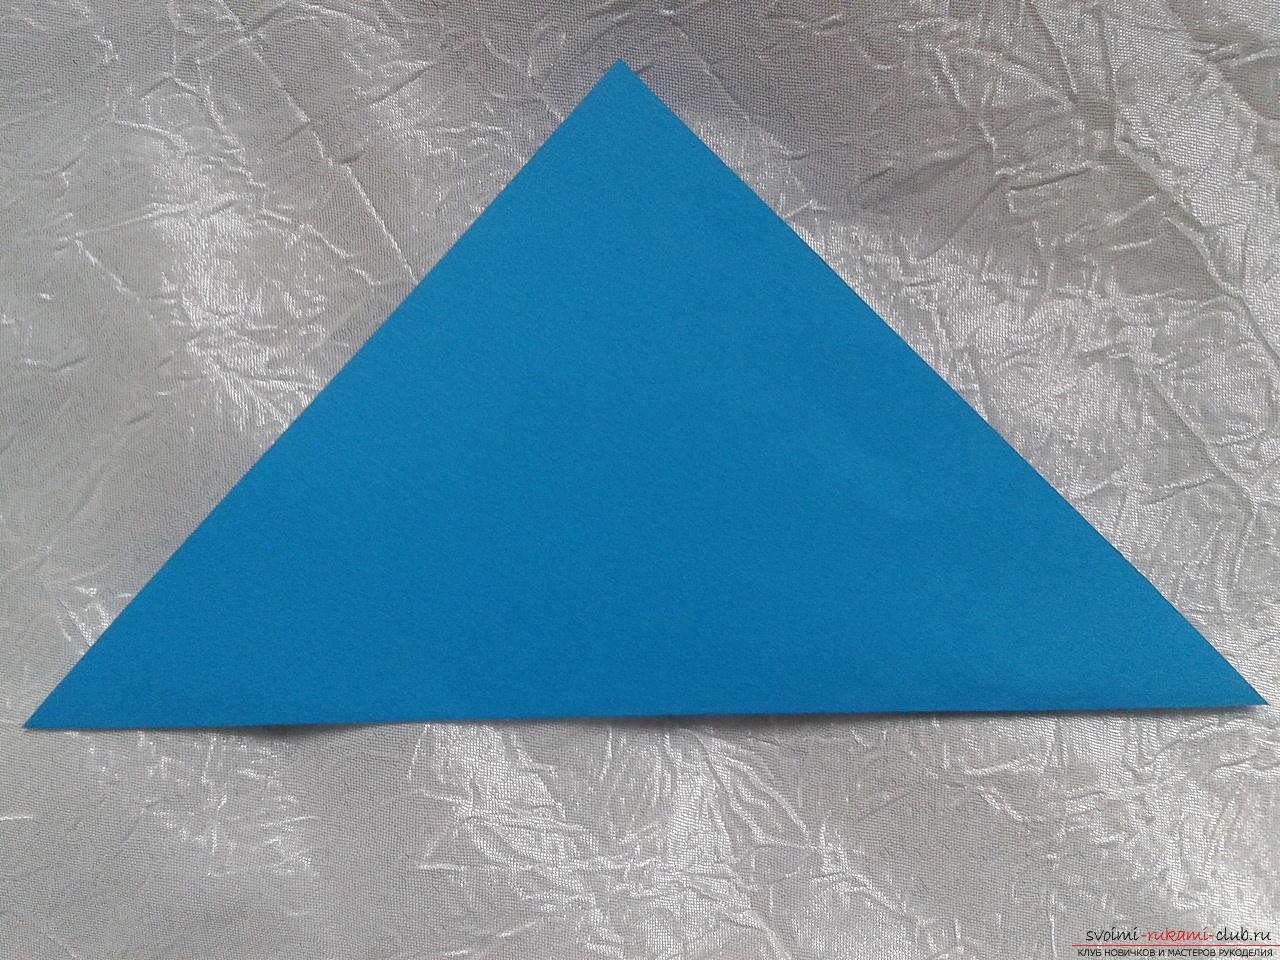 Фото треугольников из бумаги